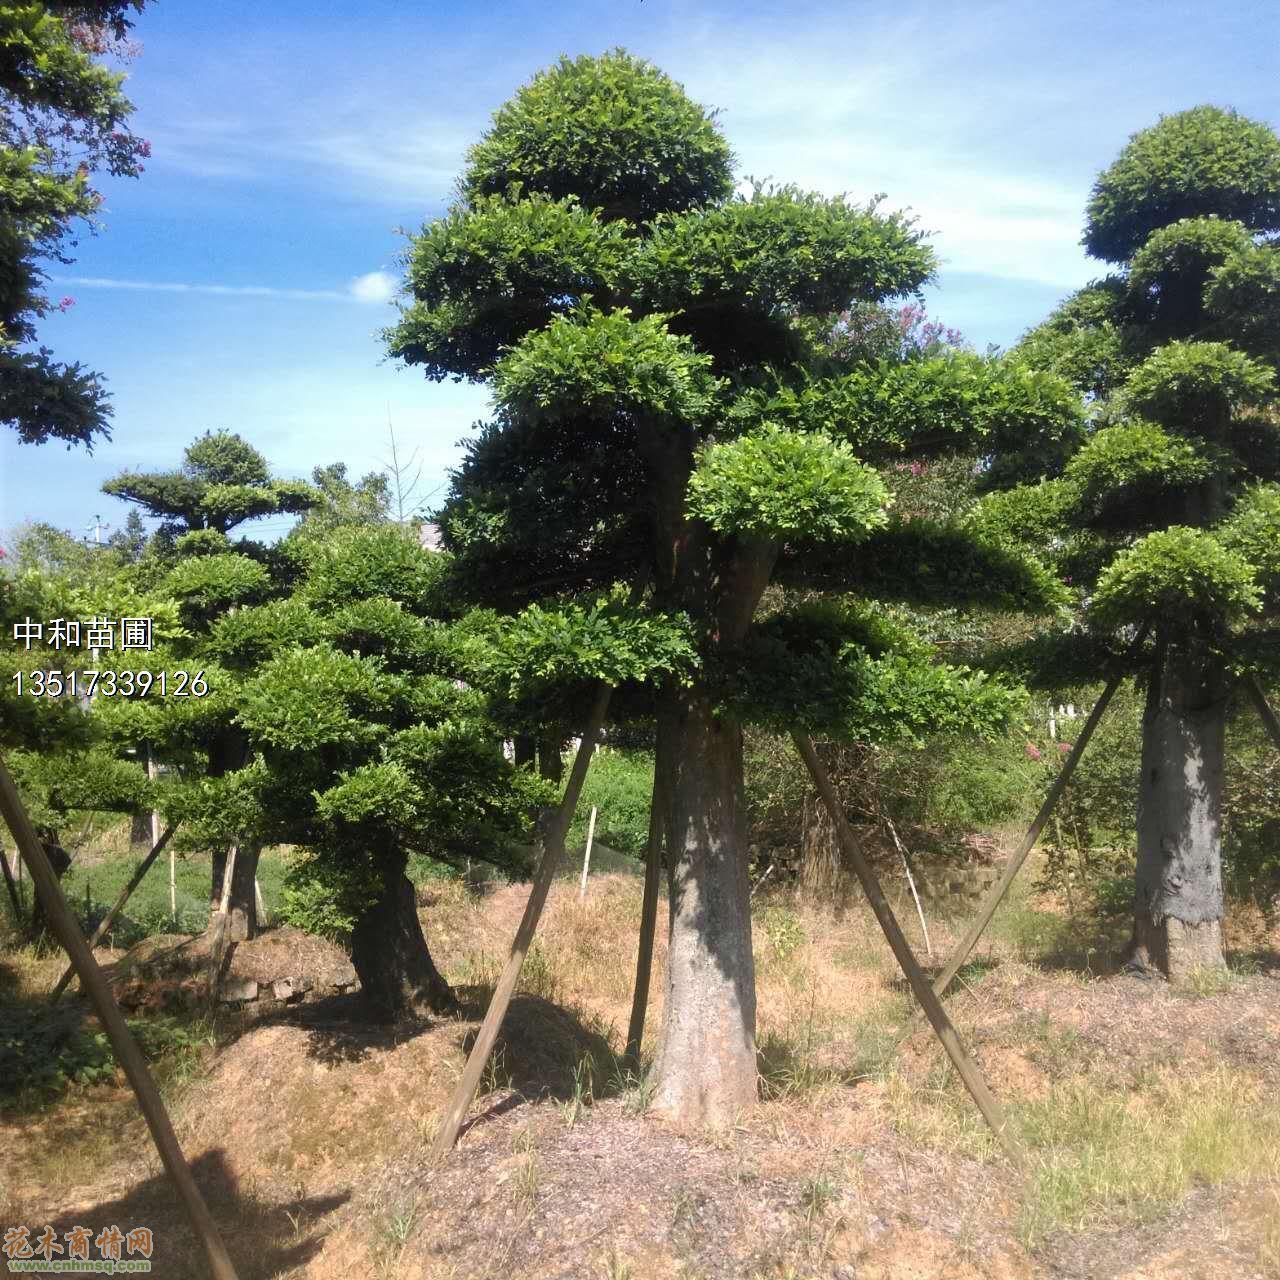 椤木石楠    ·下一个产品:茶花 产品分类: 乔木类 产品名称: 榆树(地